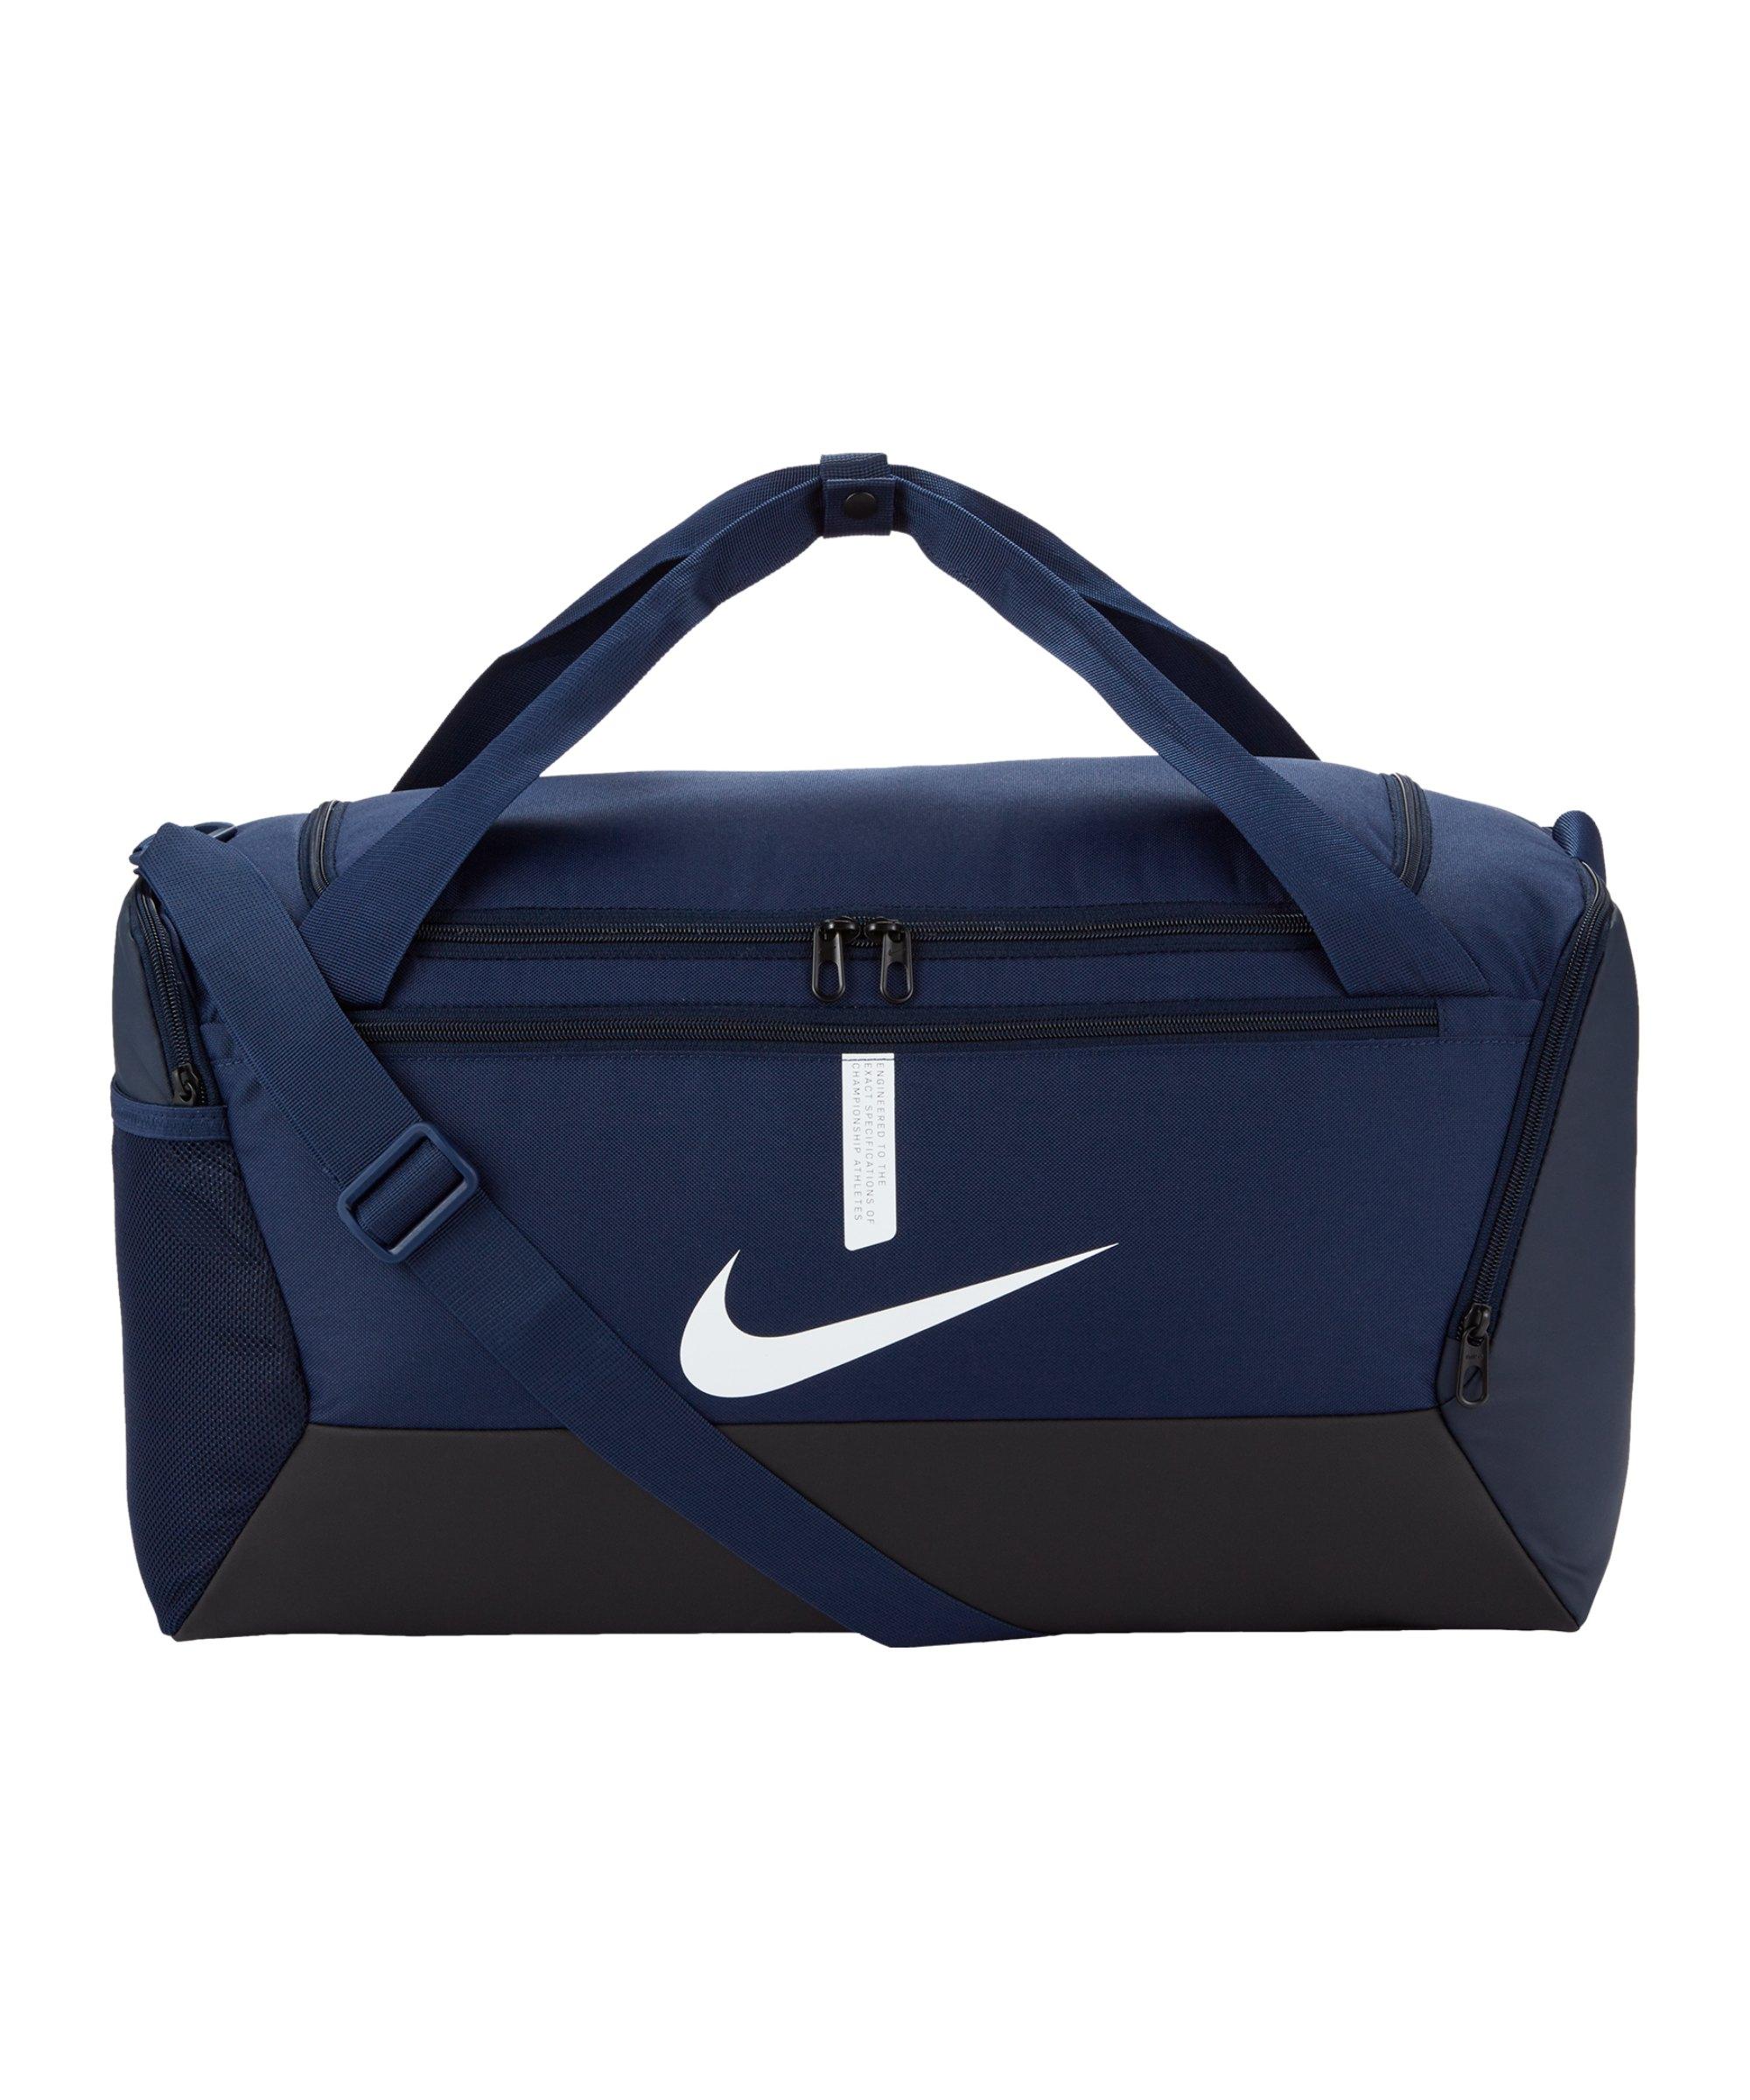 Nike Academy Team Duffel Tasche Small Blau F410 - blau